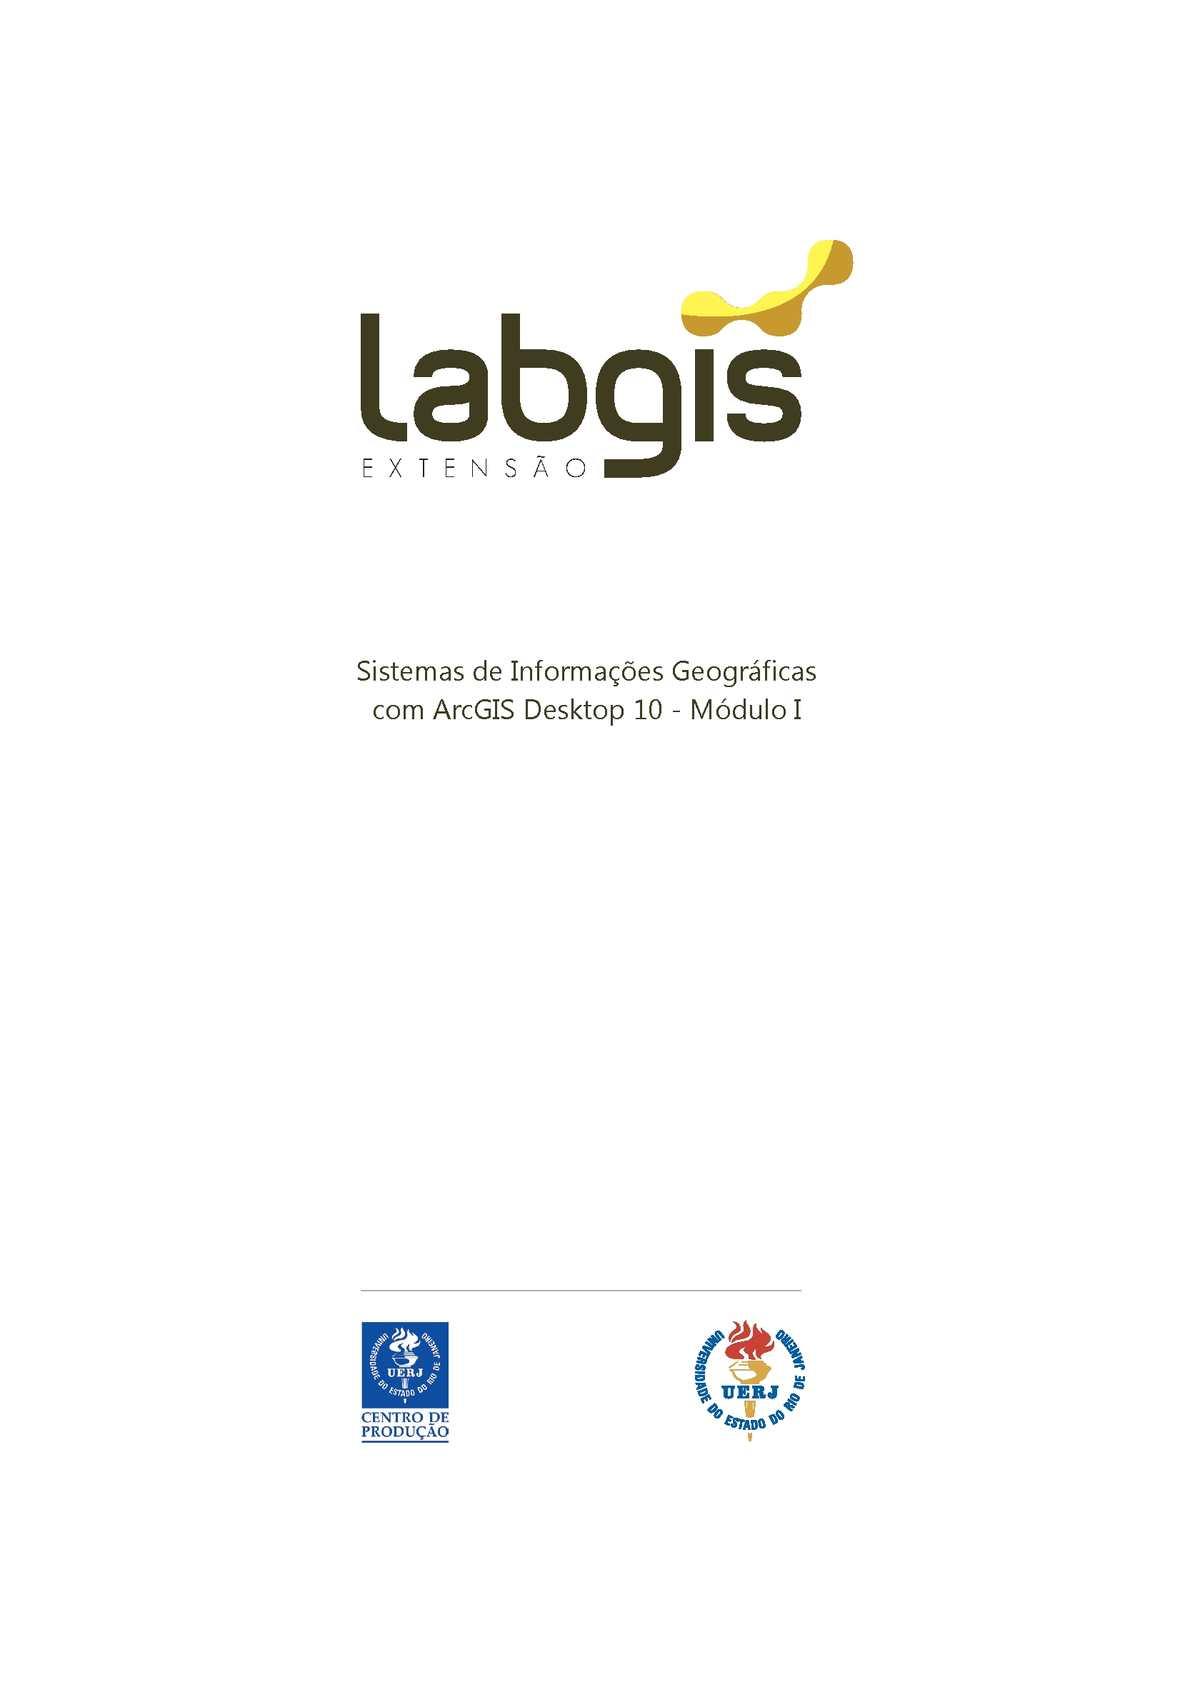 Veja uma apostila didática demonstrativa dos cursos do Labgis Extensão